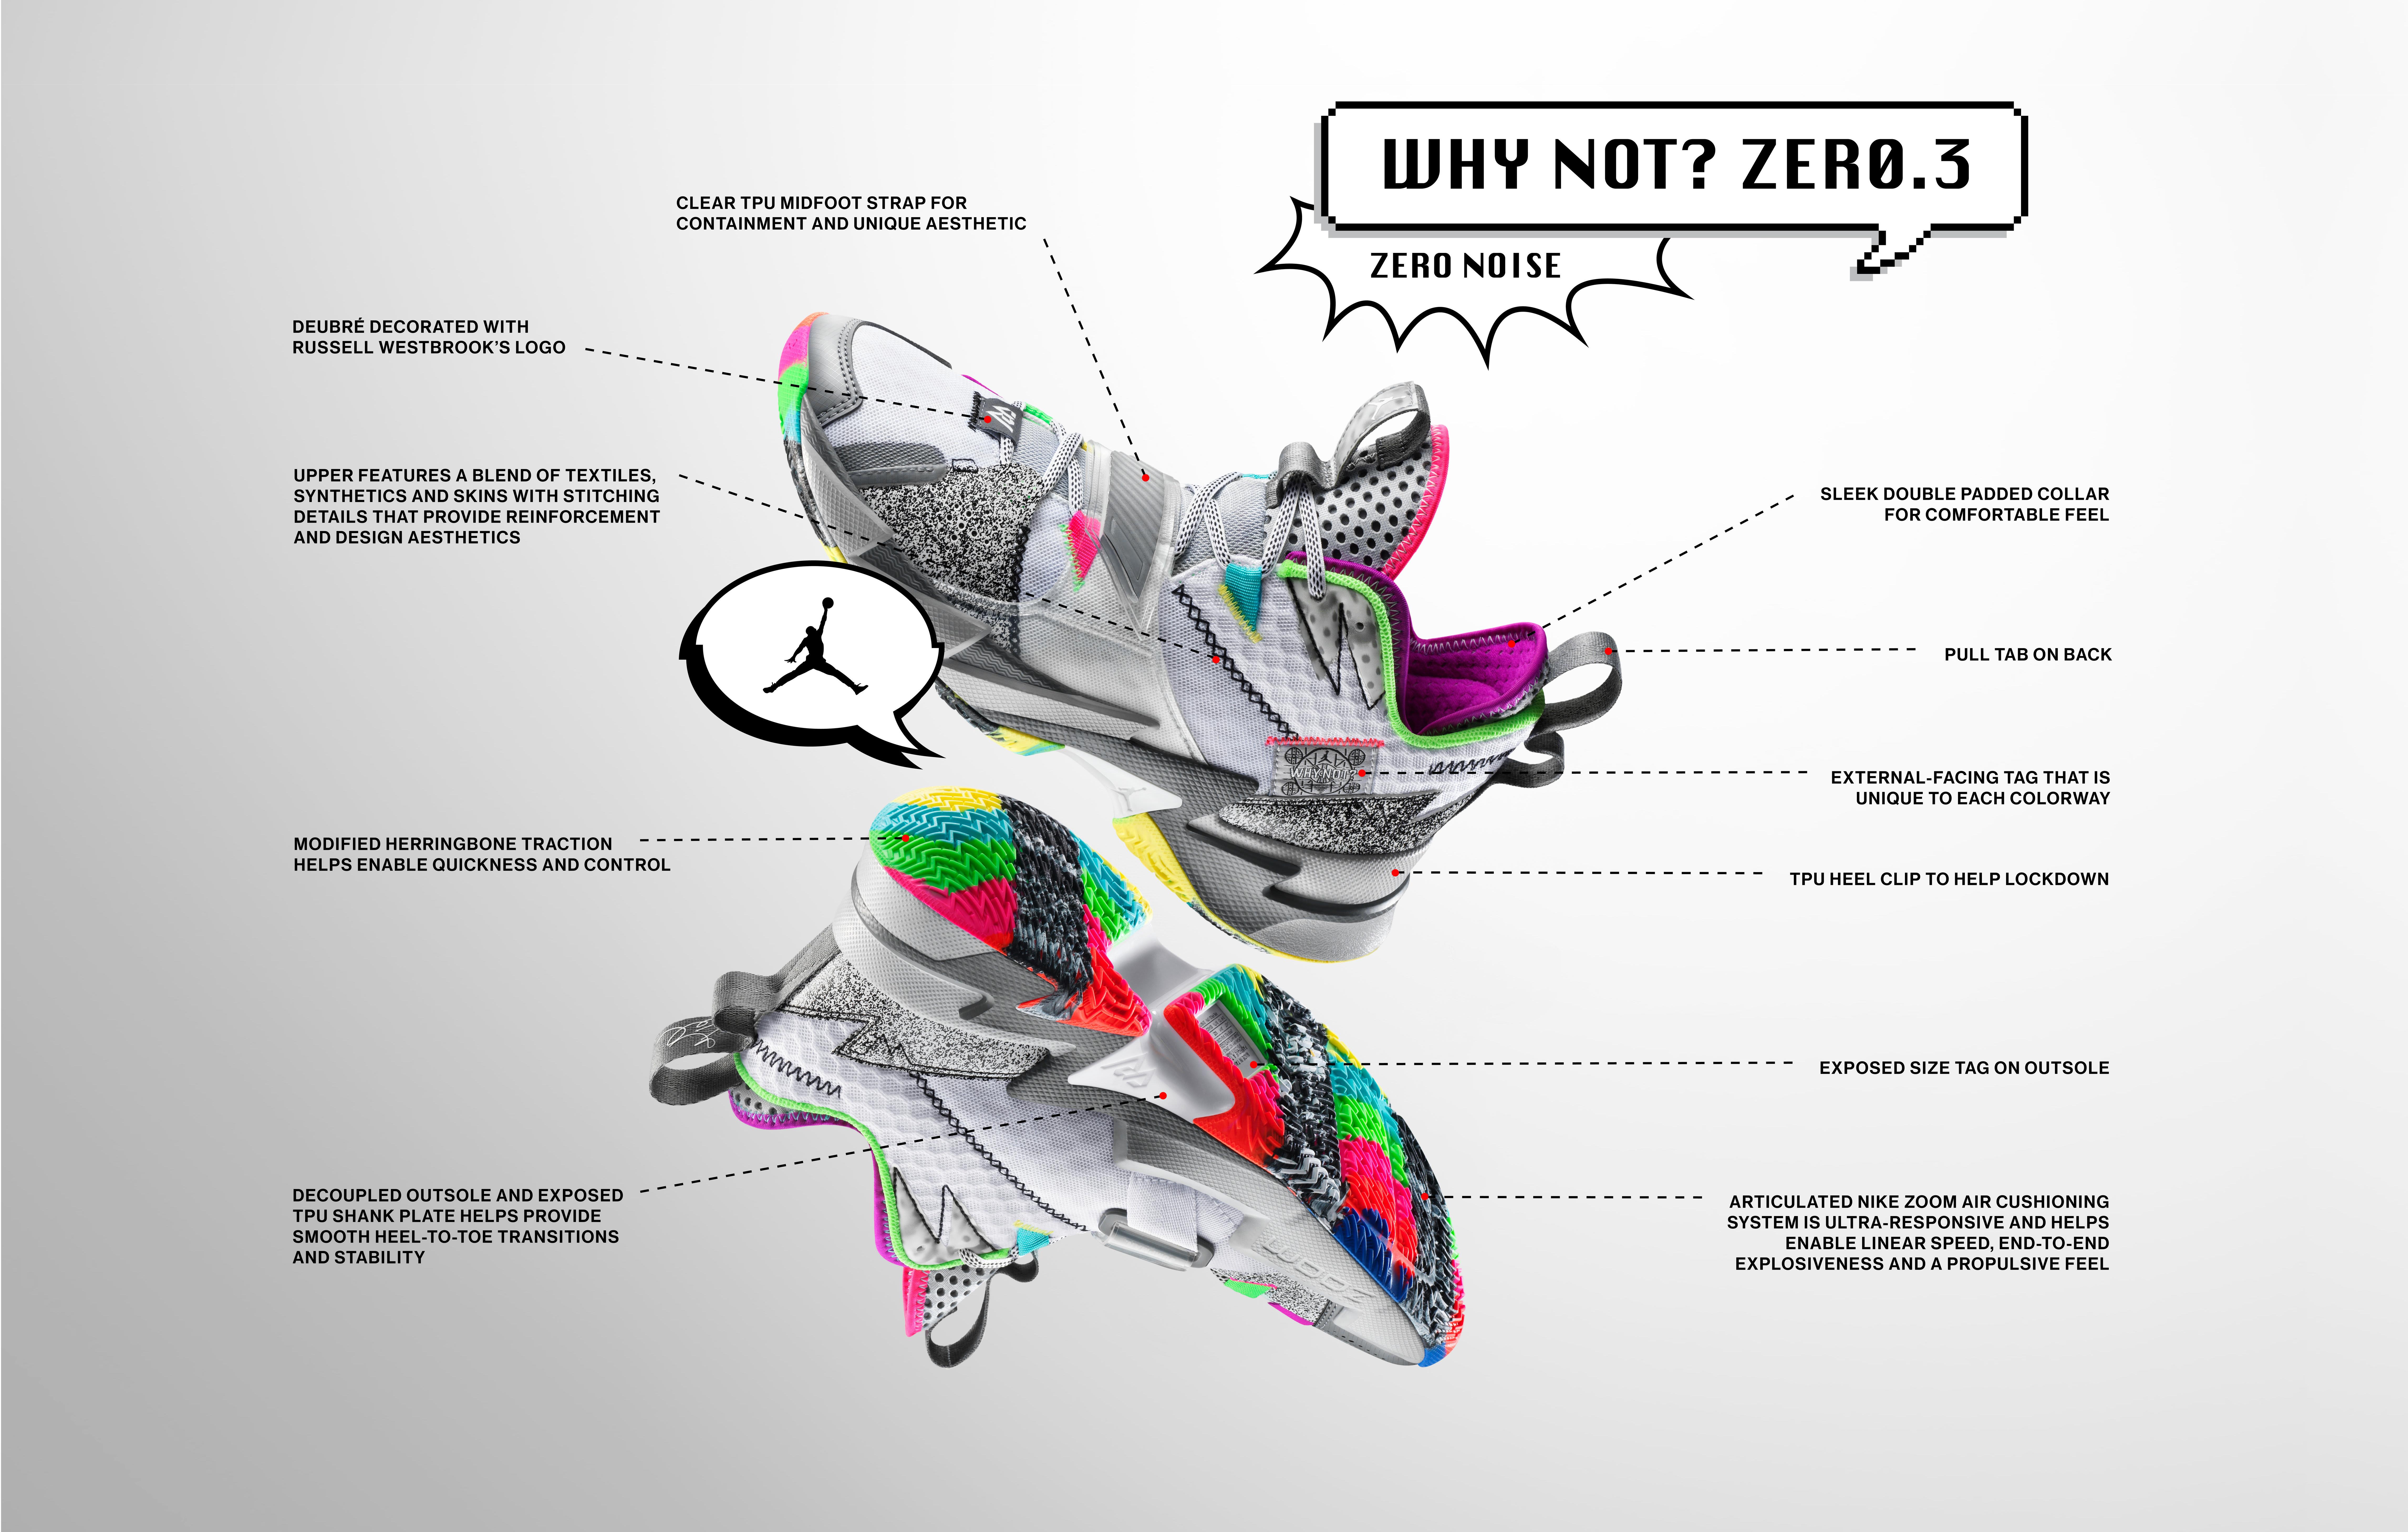 Russell Westbrook's Jordan Why Not Zer0.3 Tech Sheet